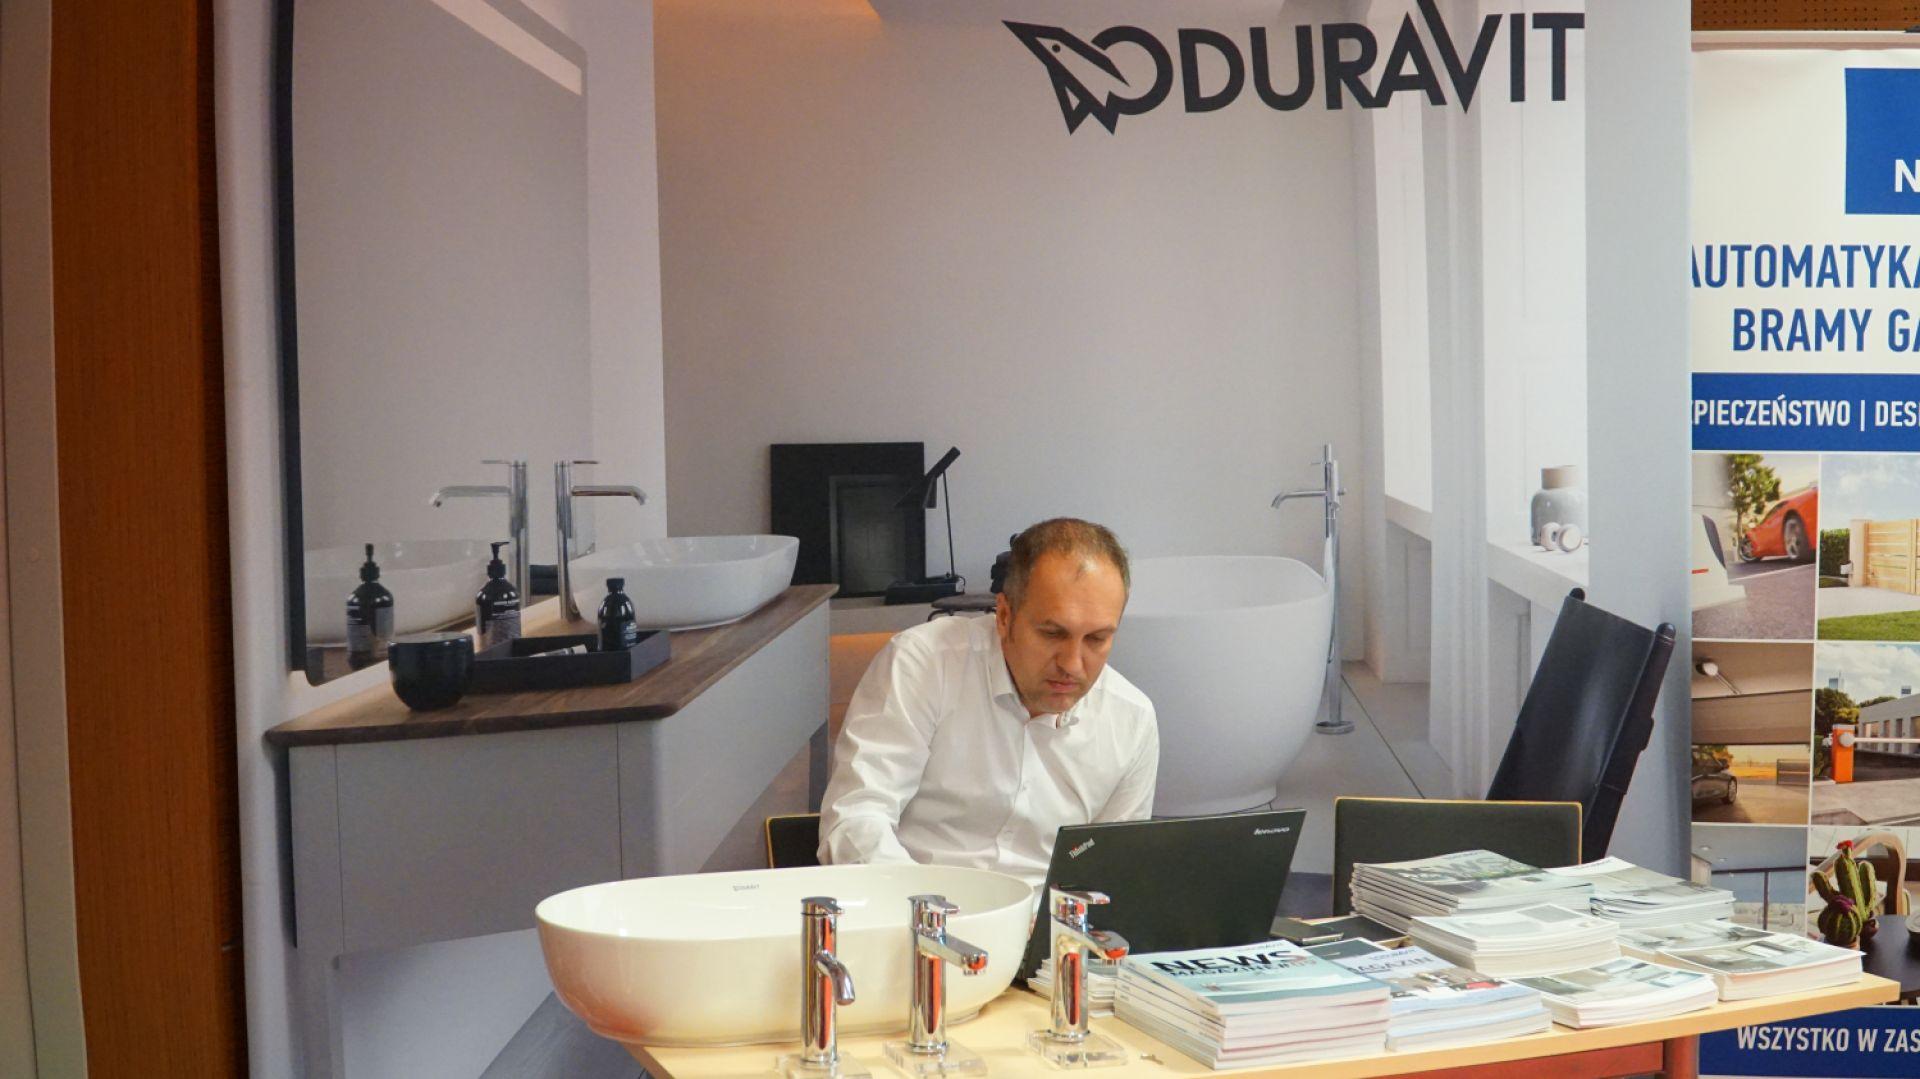 Stoisko firmy Duravit